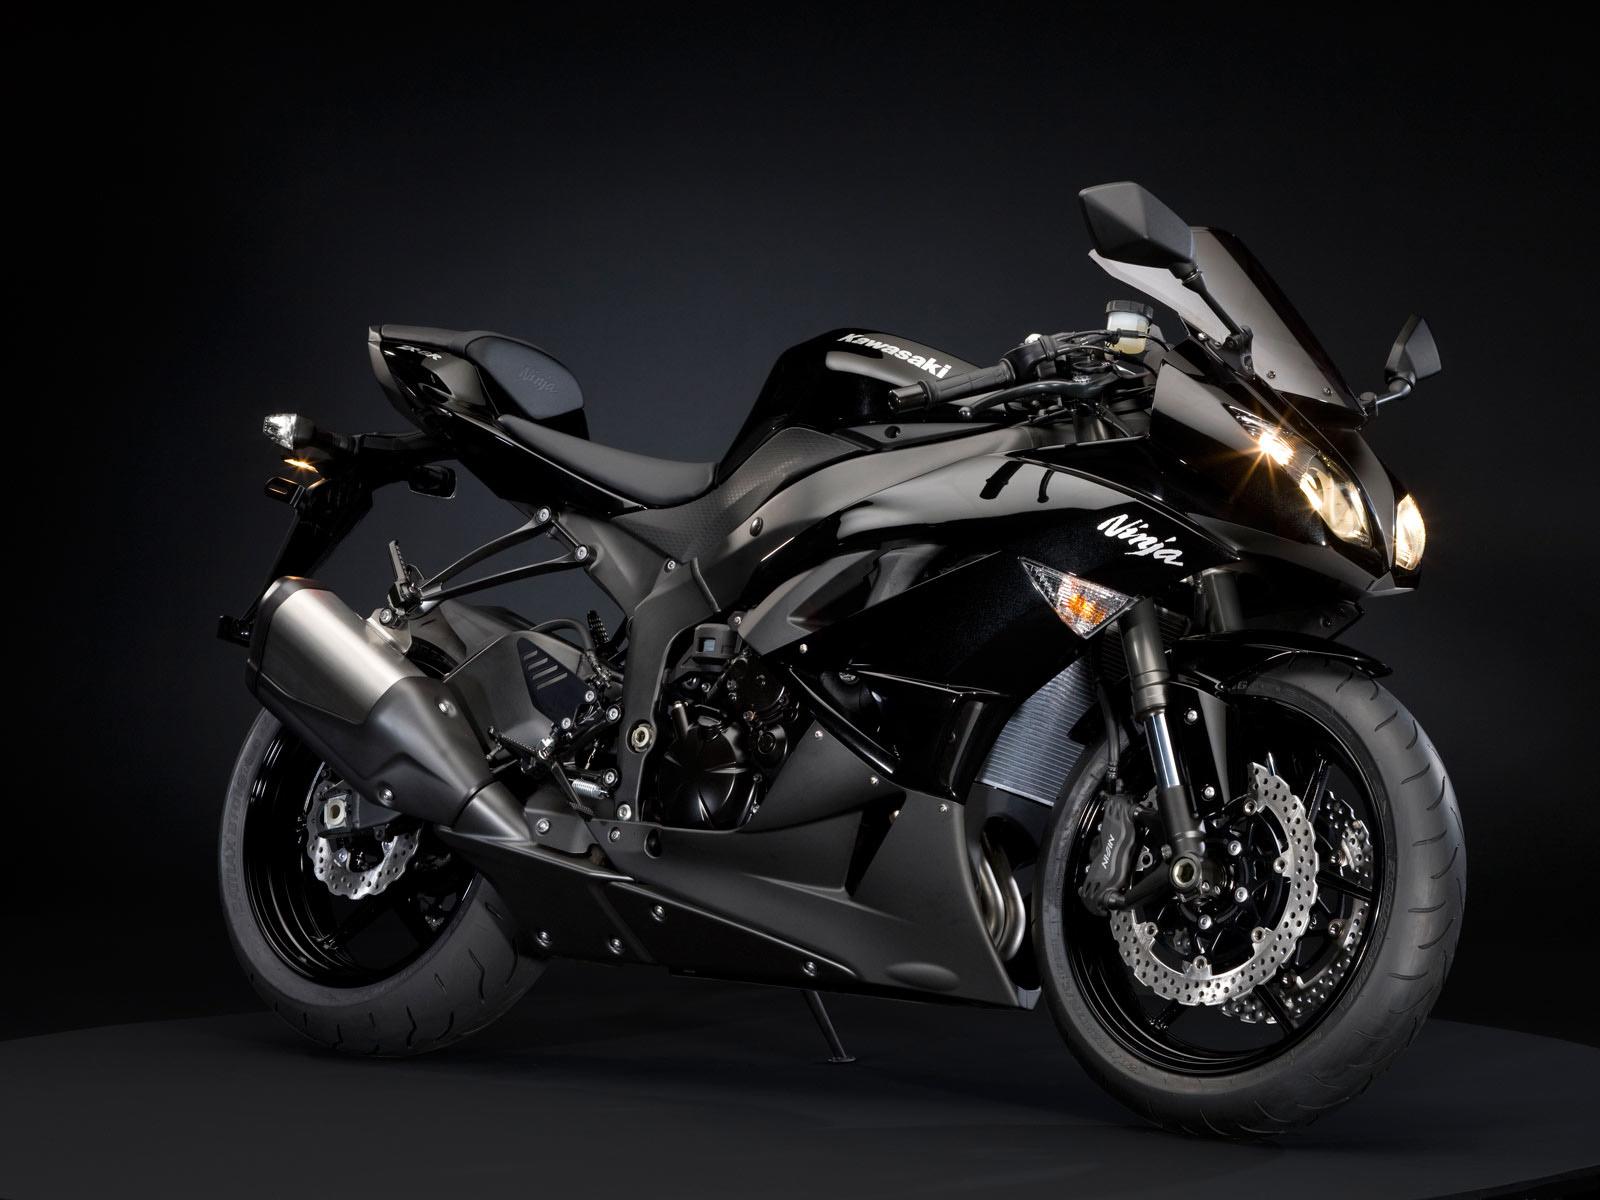 free download hq kawasaki ninja black motorcycle wallpaper